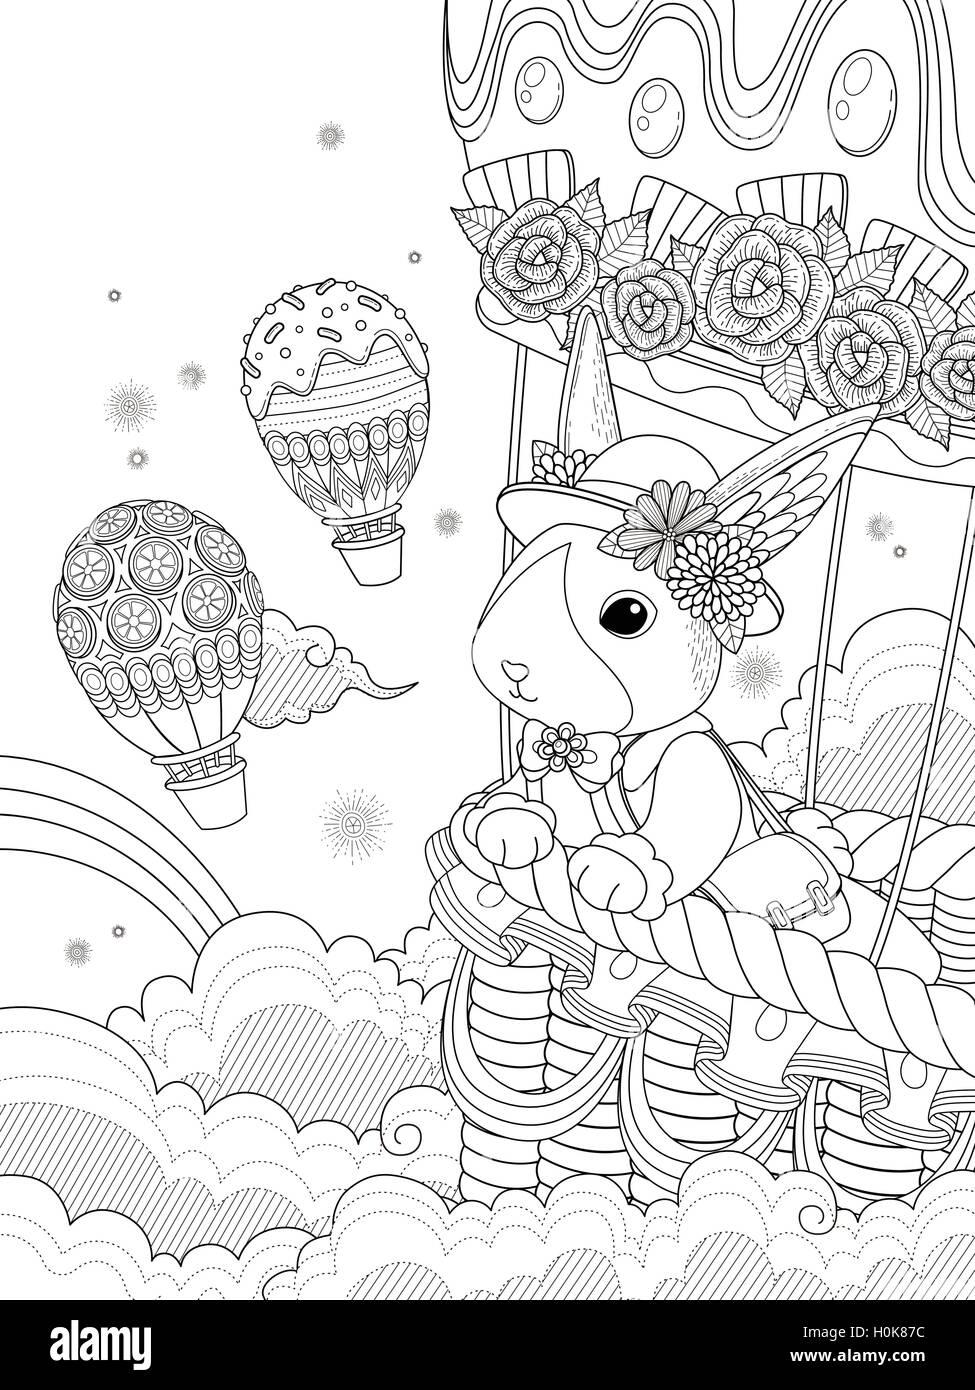 Genial Schöne Bilder Zum Ausmalen Das Beste Von Schöne Erwachsene Malvorlagen, Fräulein Kaninchen Nimmt Fahrt